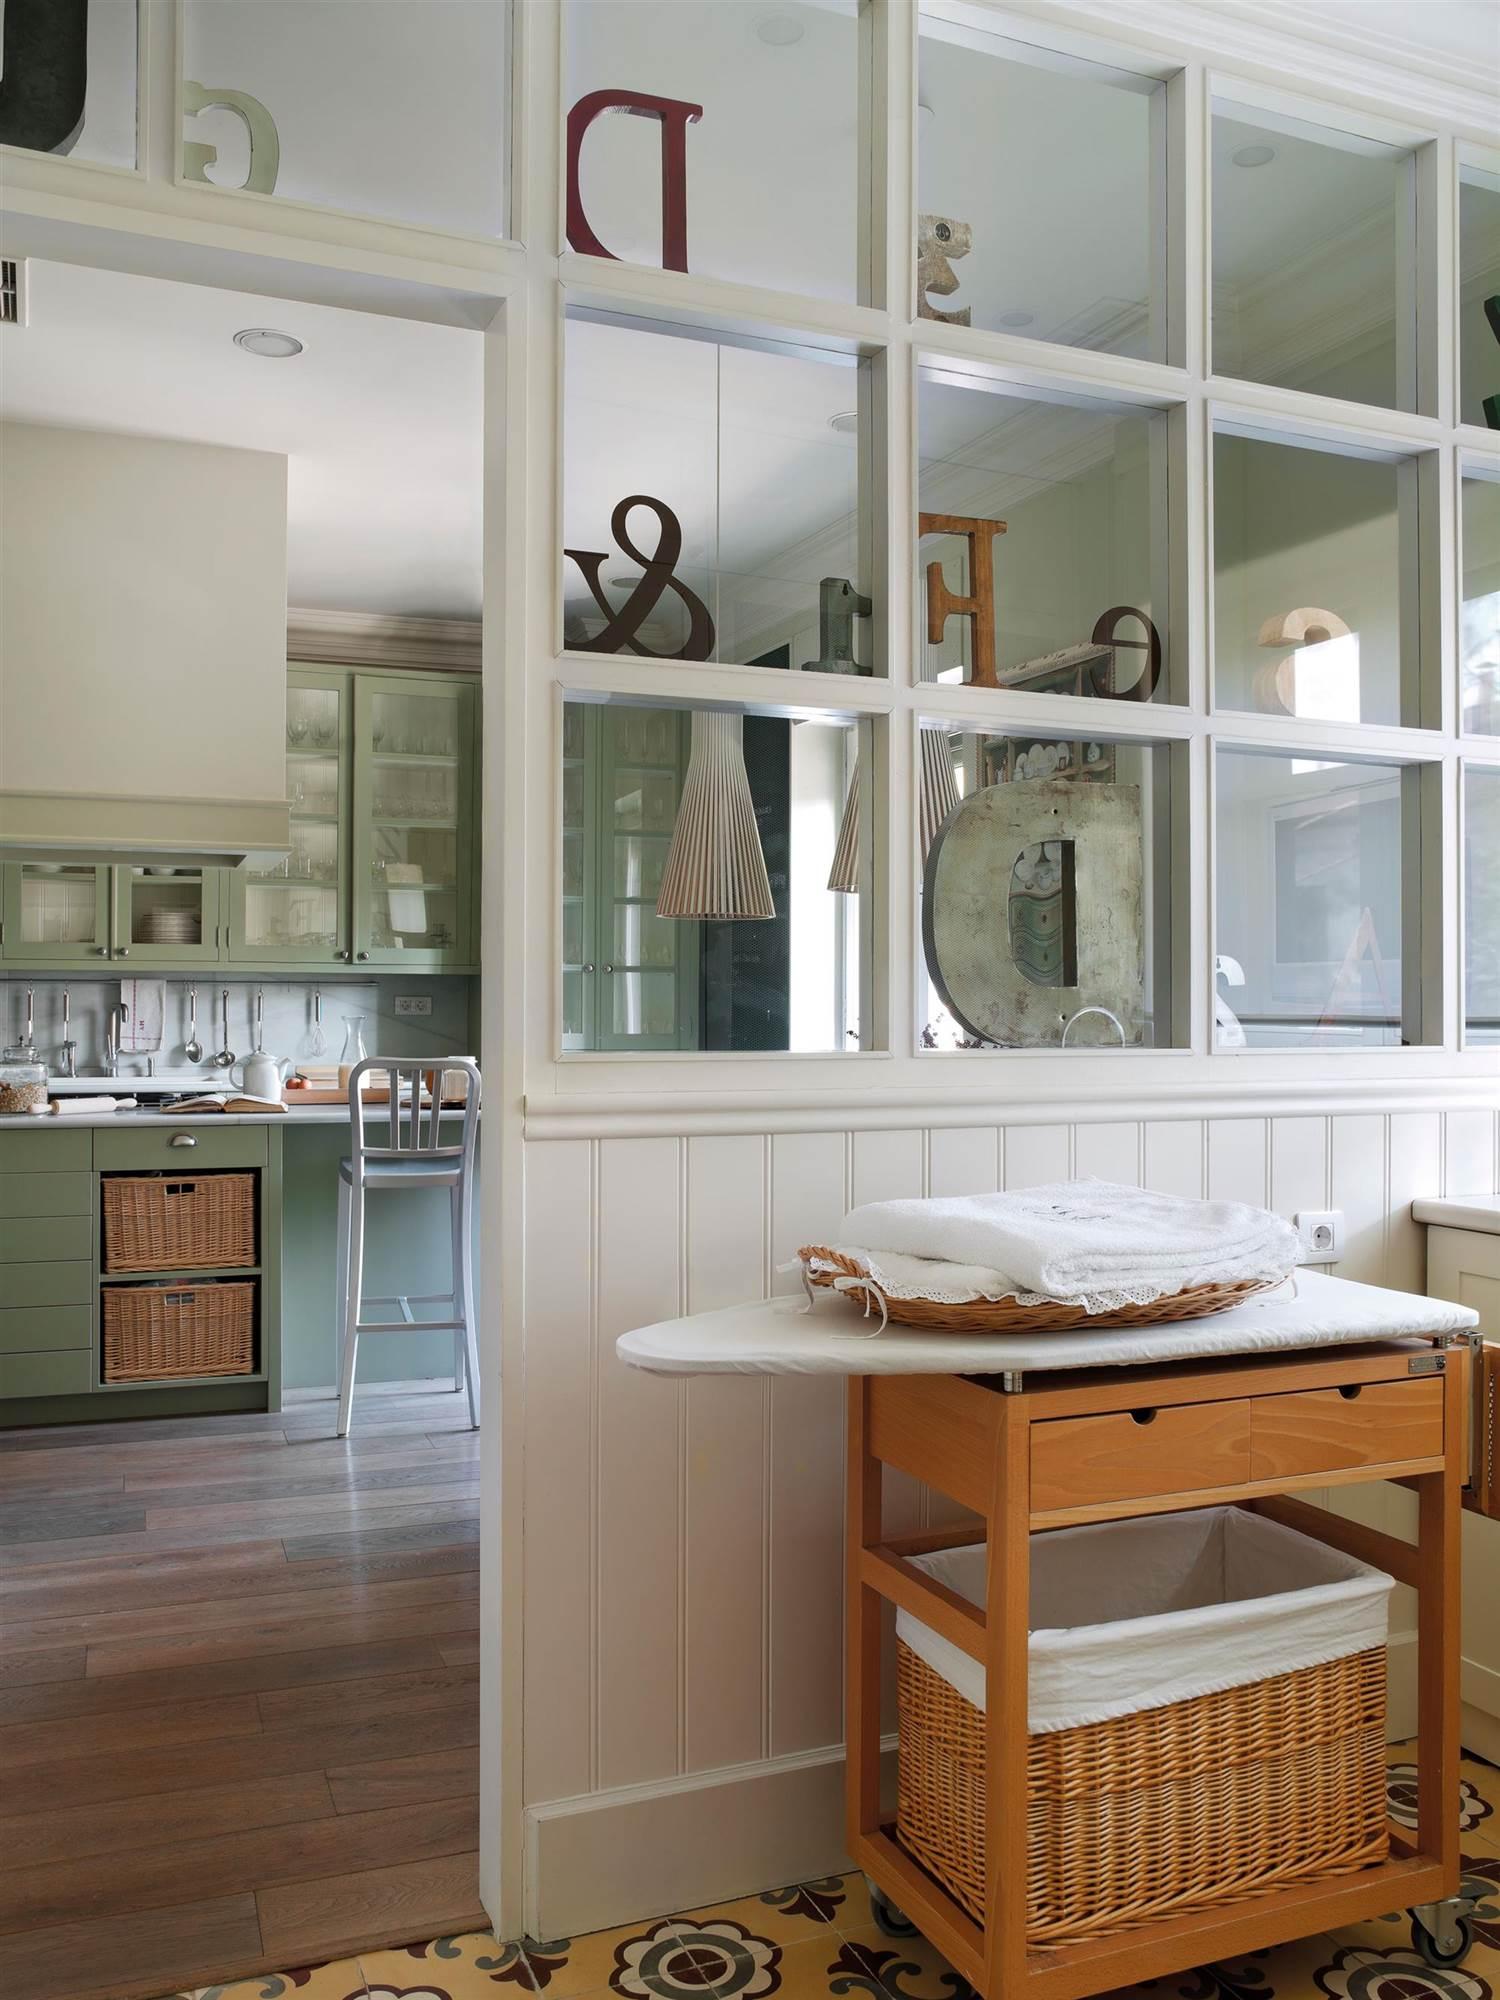 2454 fotos de cocinas pagina 15 - Cocinas por 2000 euros ...